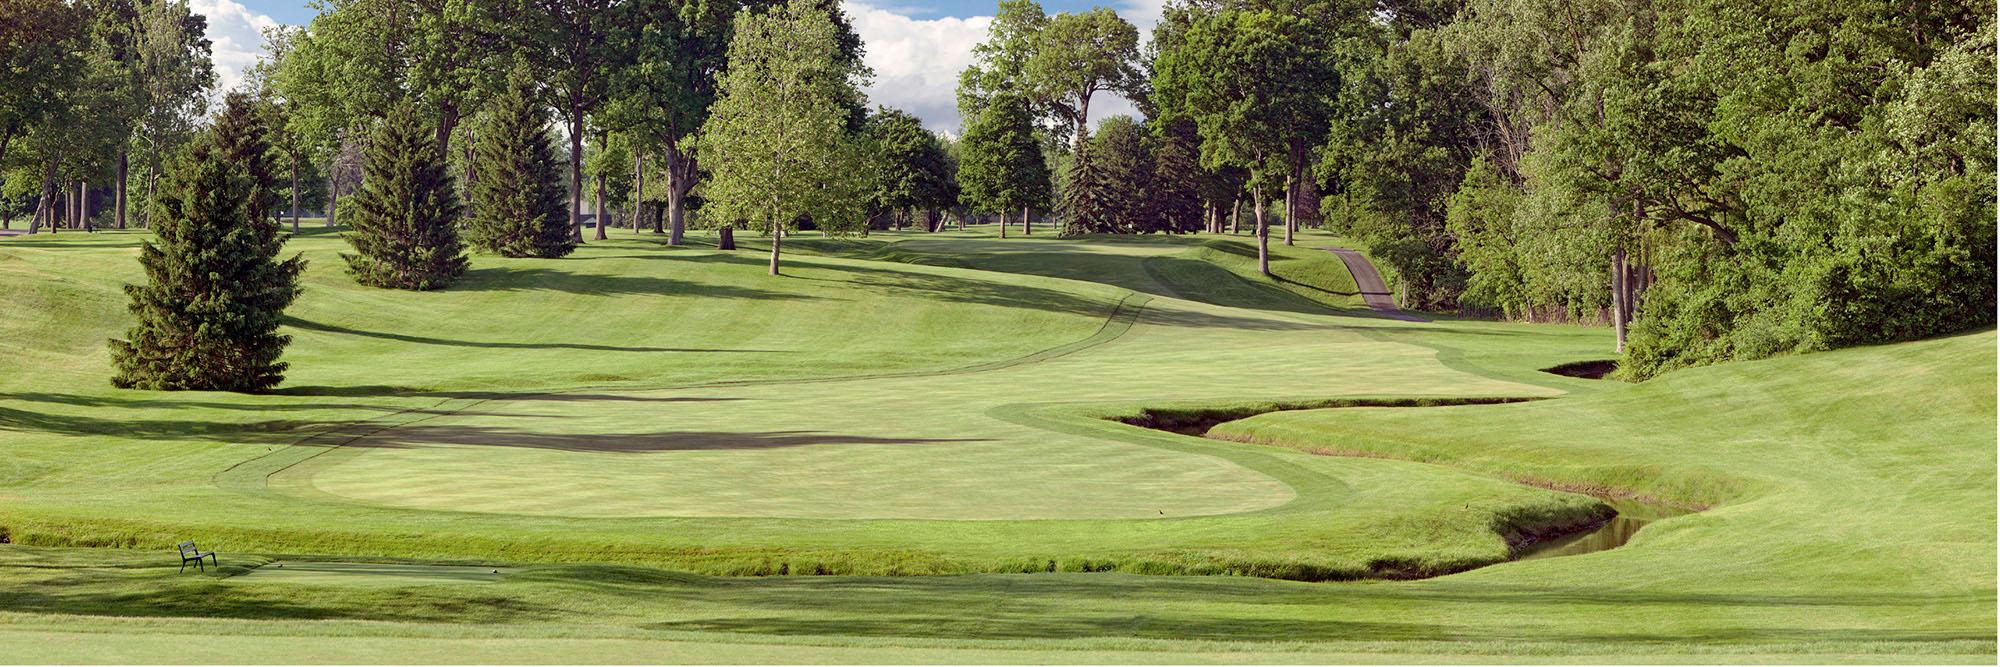 Golf Course Image - Inverness Club No. 7